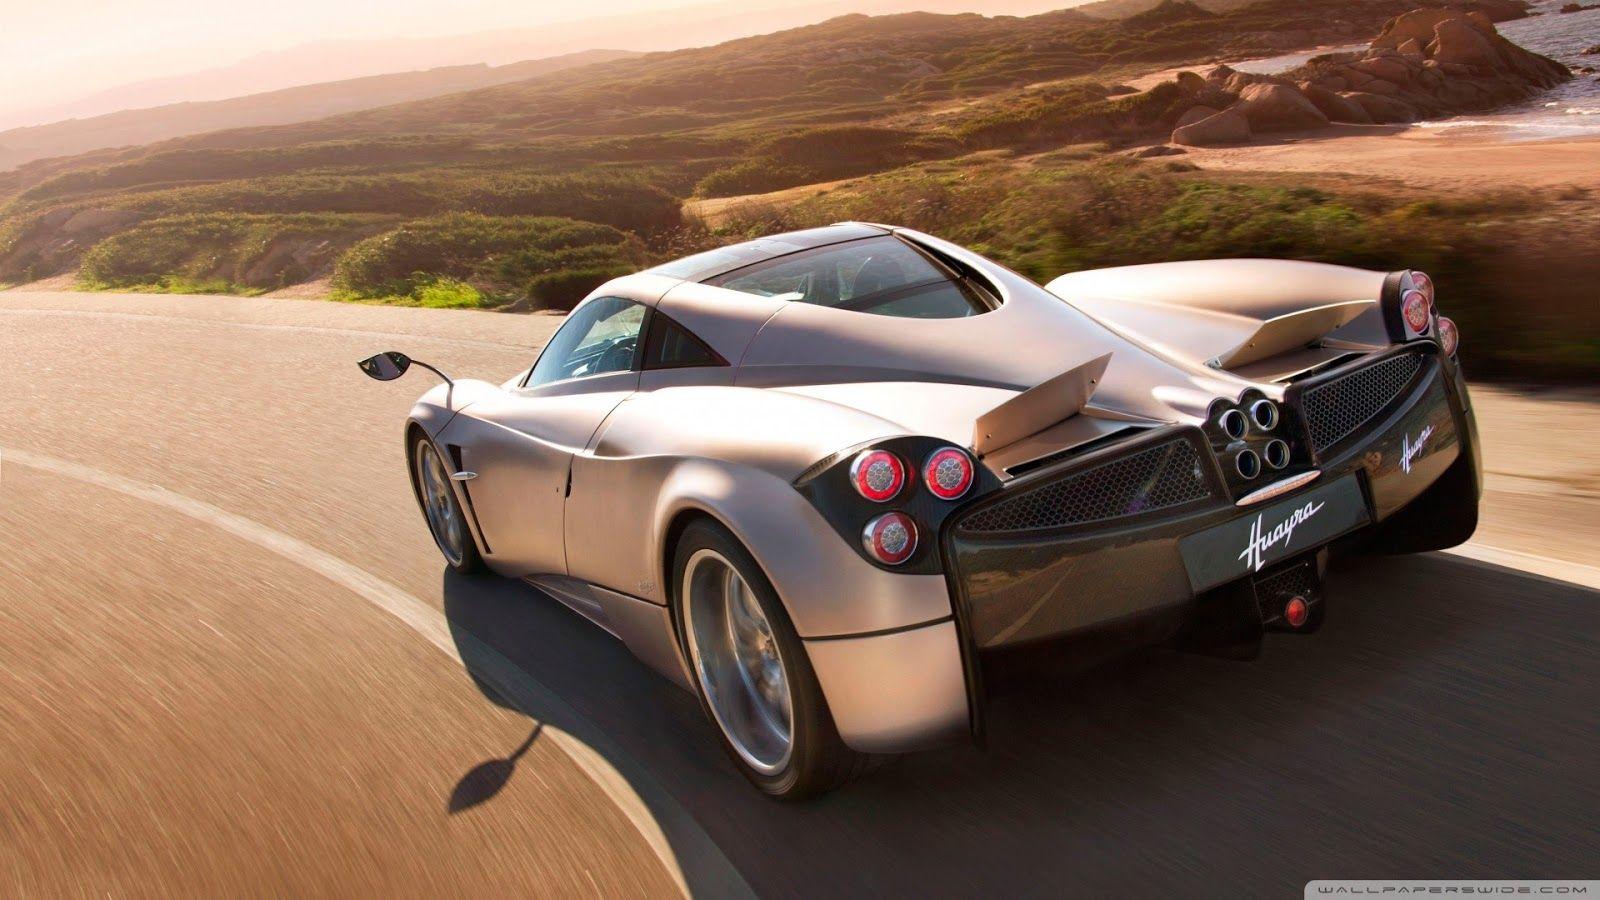 Dünyanın En Pahalı Süper Arabaları Rooteto Hd Resimler